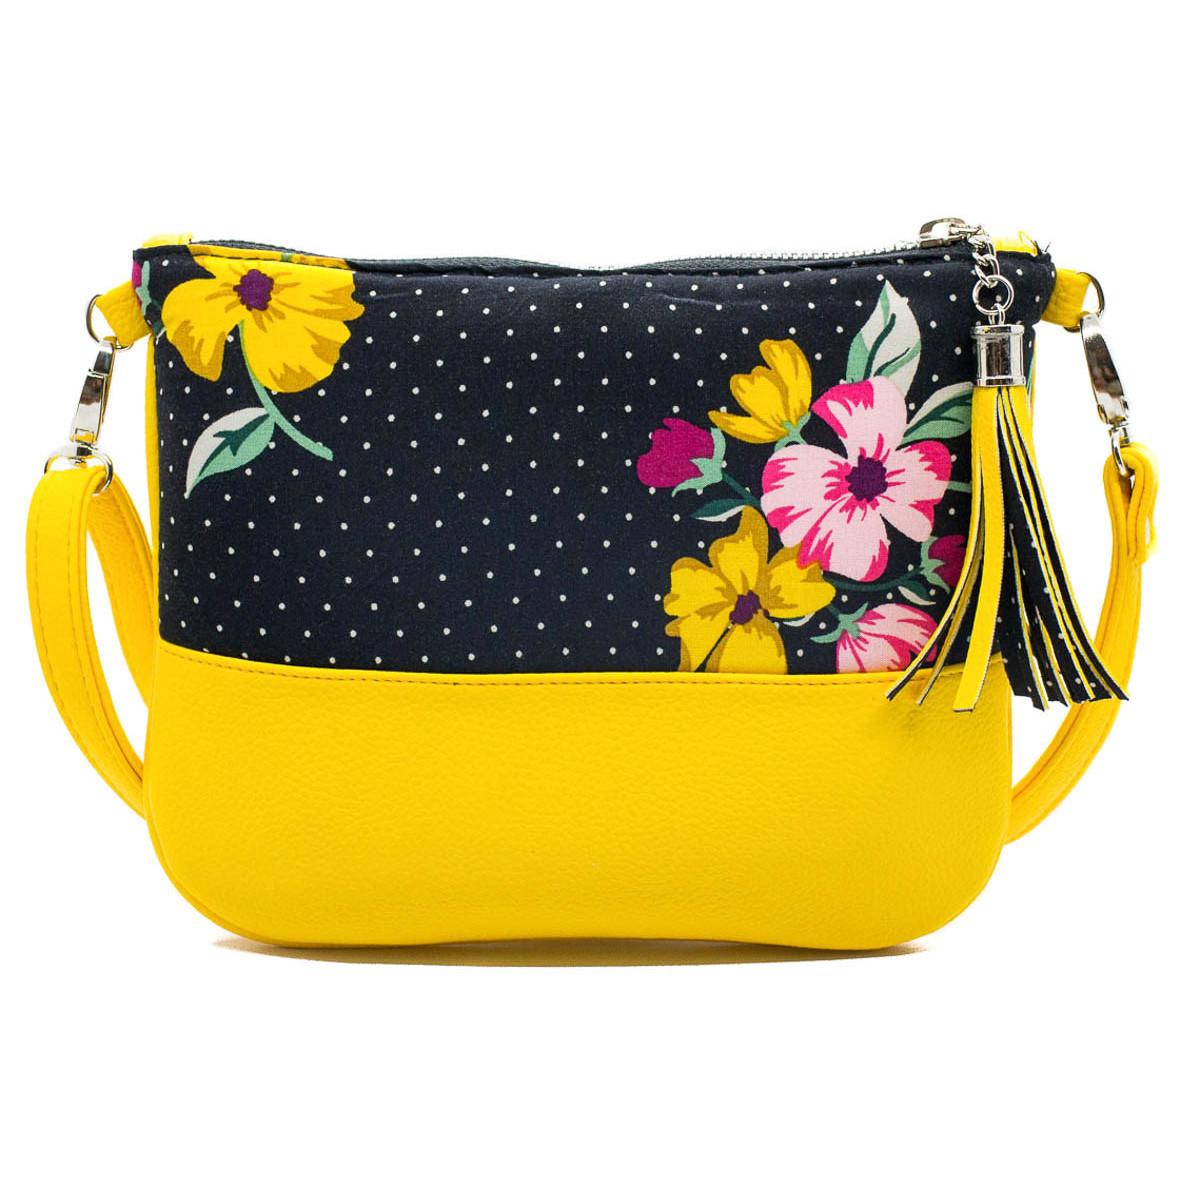 Sac à main pochette femme jaune et noir à fleurs